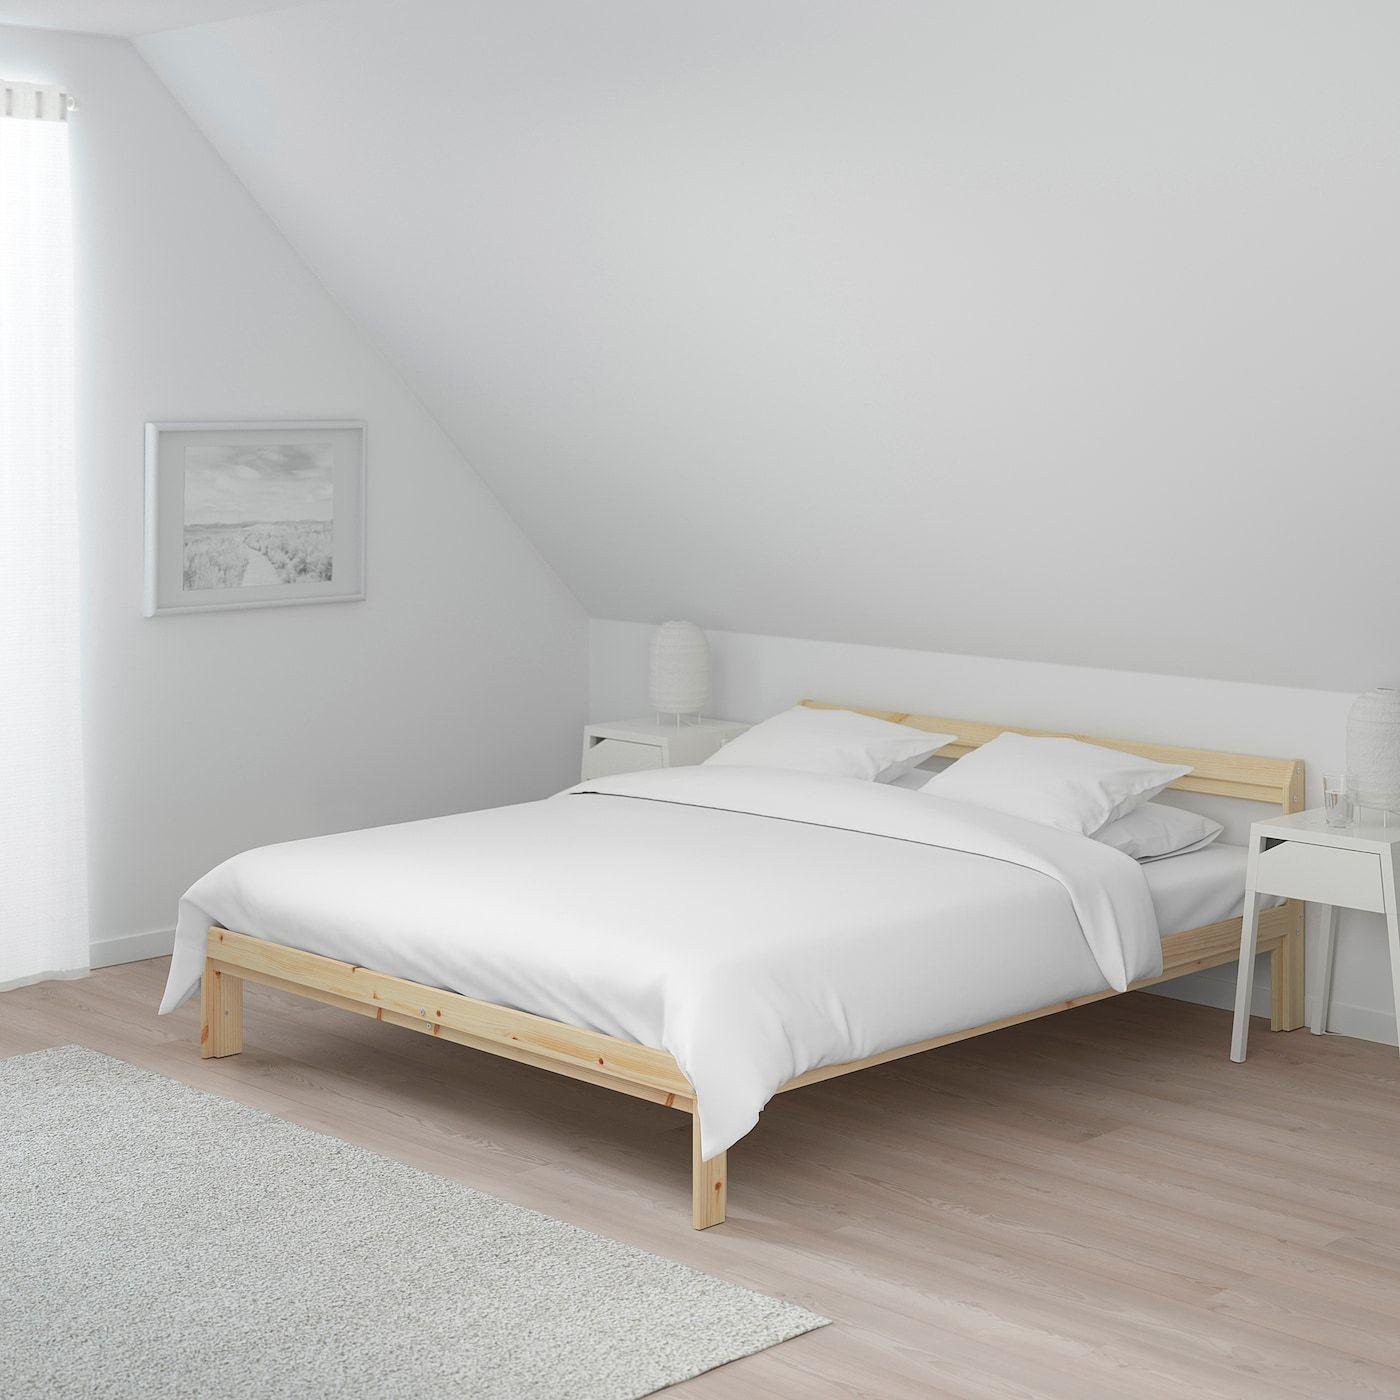 Full Size of Palettenbett Ikea 140x200 Neiden Bettgestell Kiefer Deutschland In 2020 Küche Kaufen Kosten Miniküche Betten Bei 160x200 Modulküche Sofa Mit Schlaffunktion Wohnzimmer Palettenbett Ikea